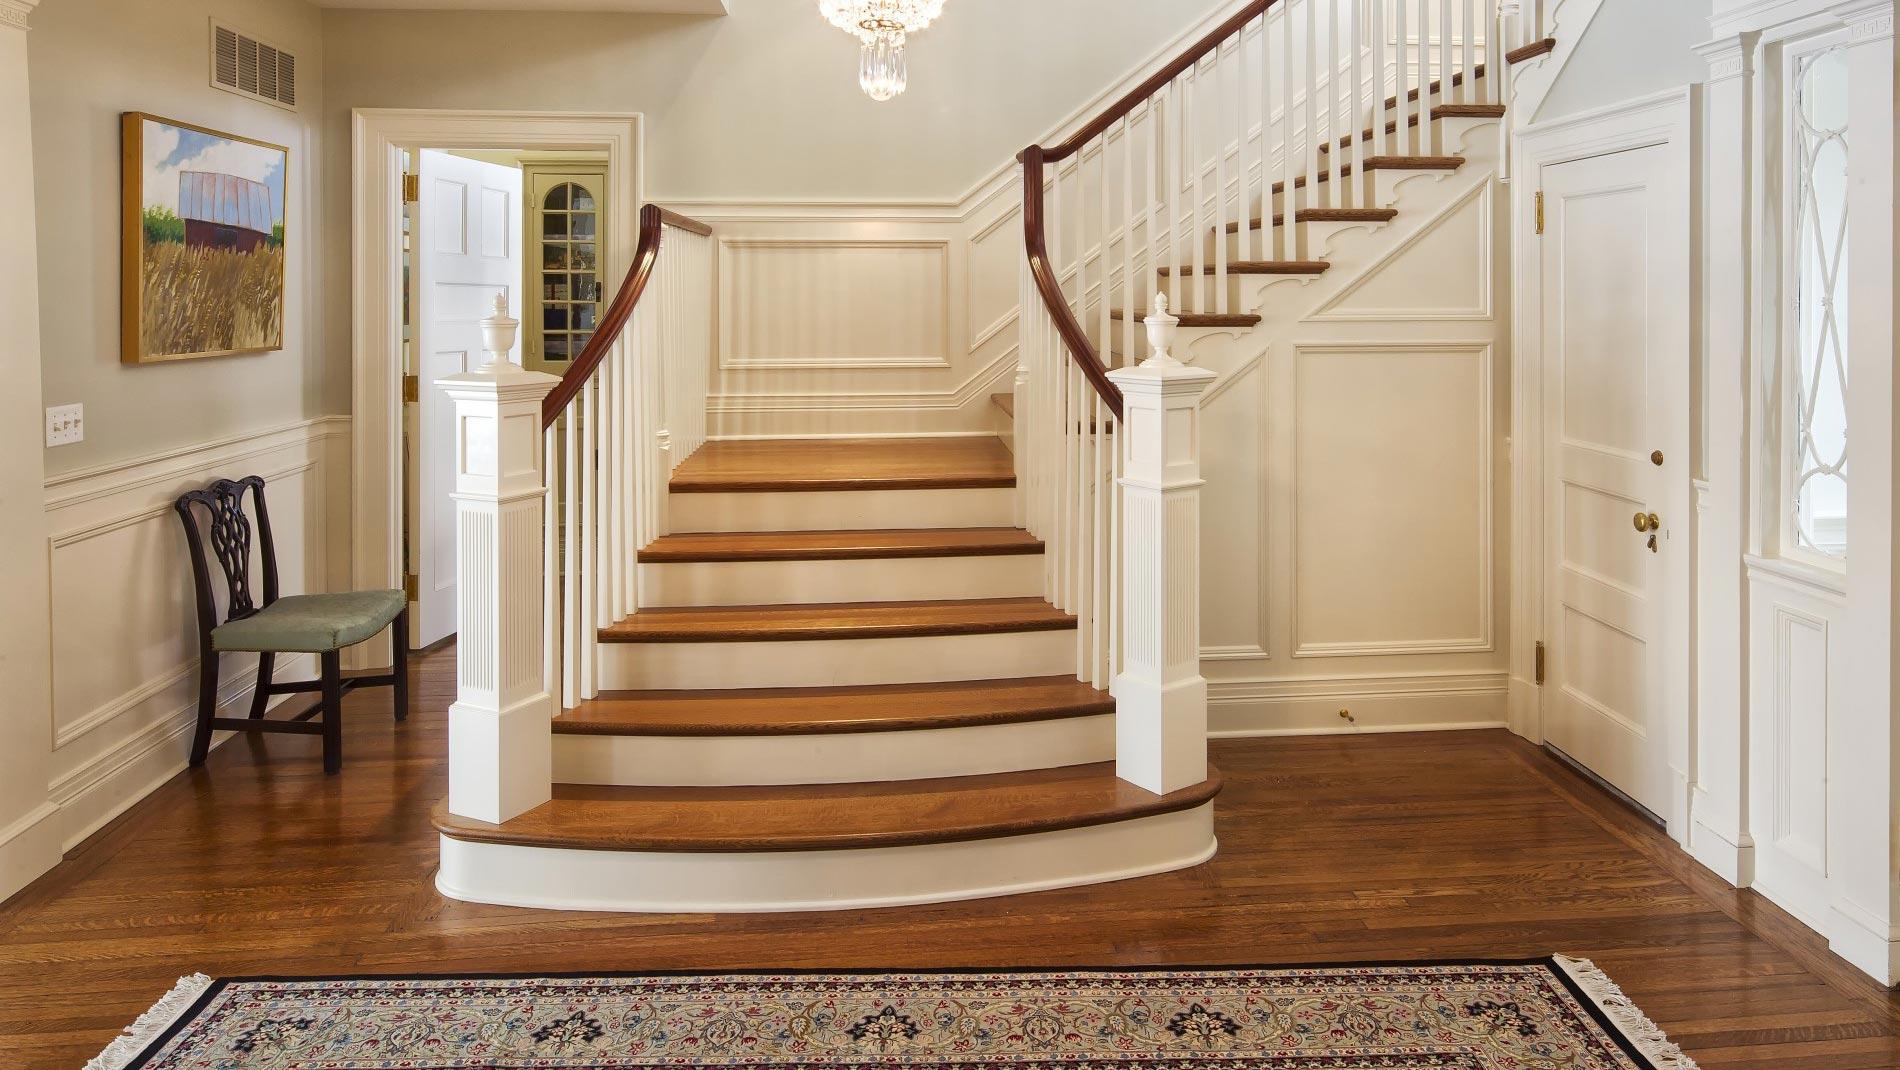 Межэтажная деревянная лестница в классическом стиле